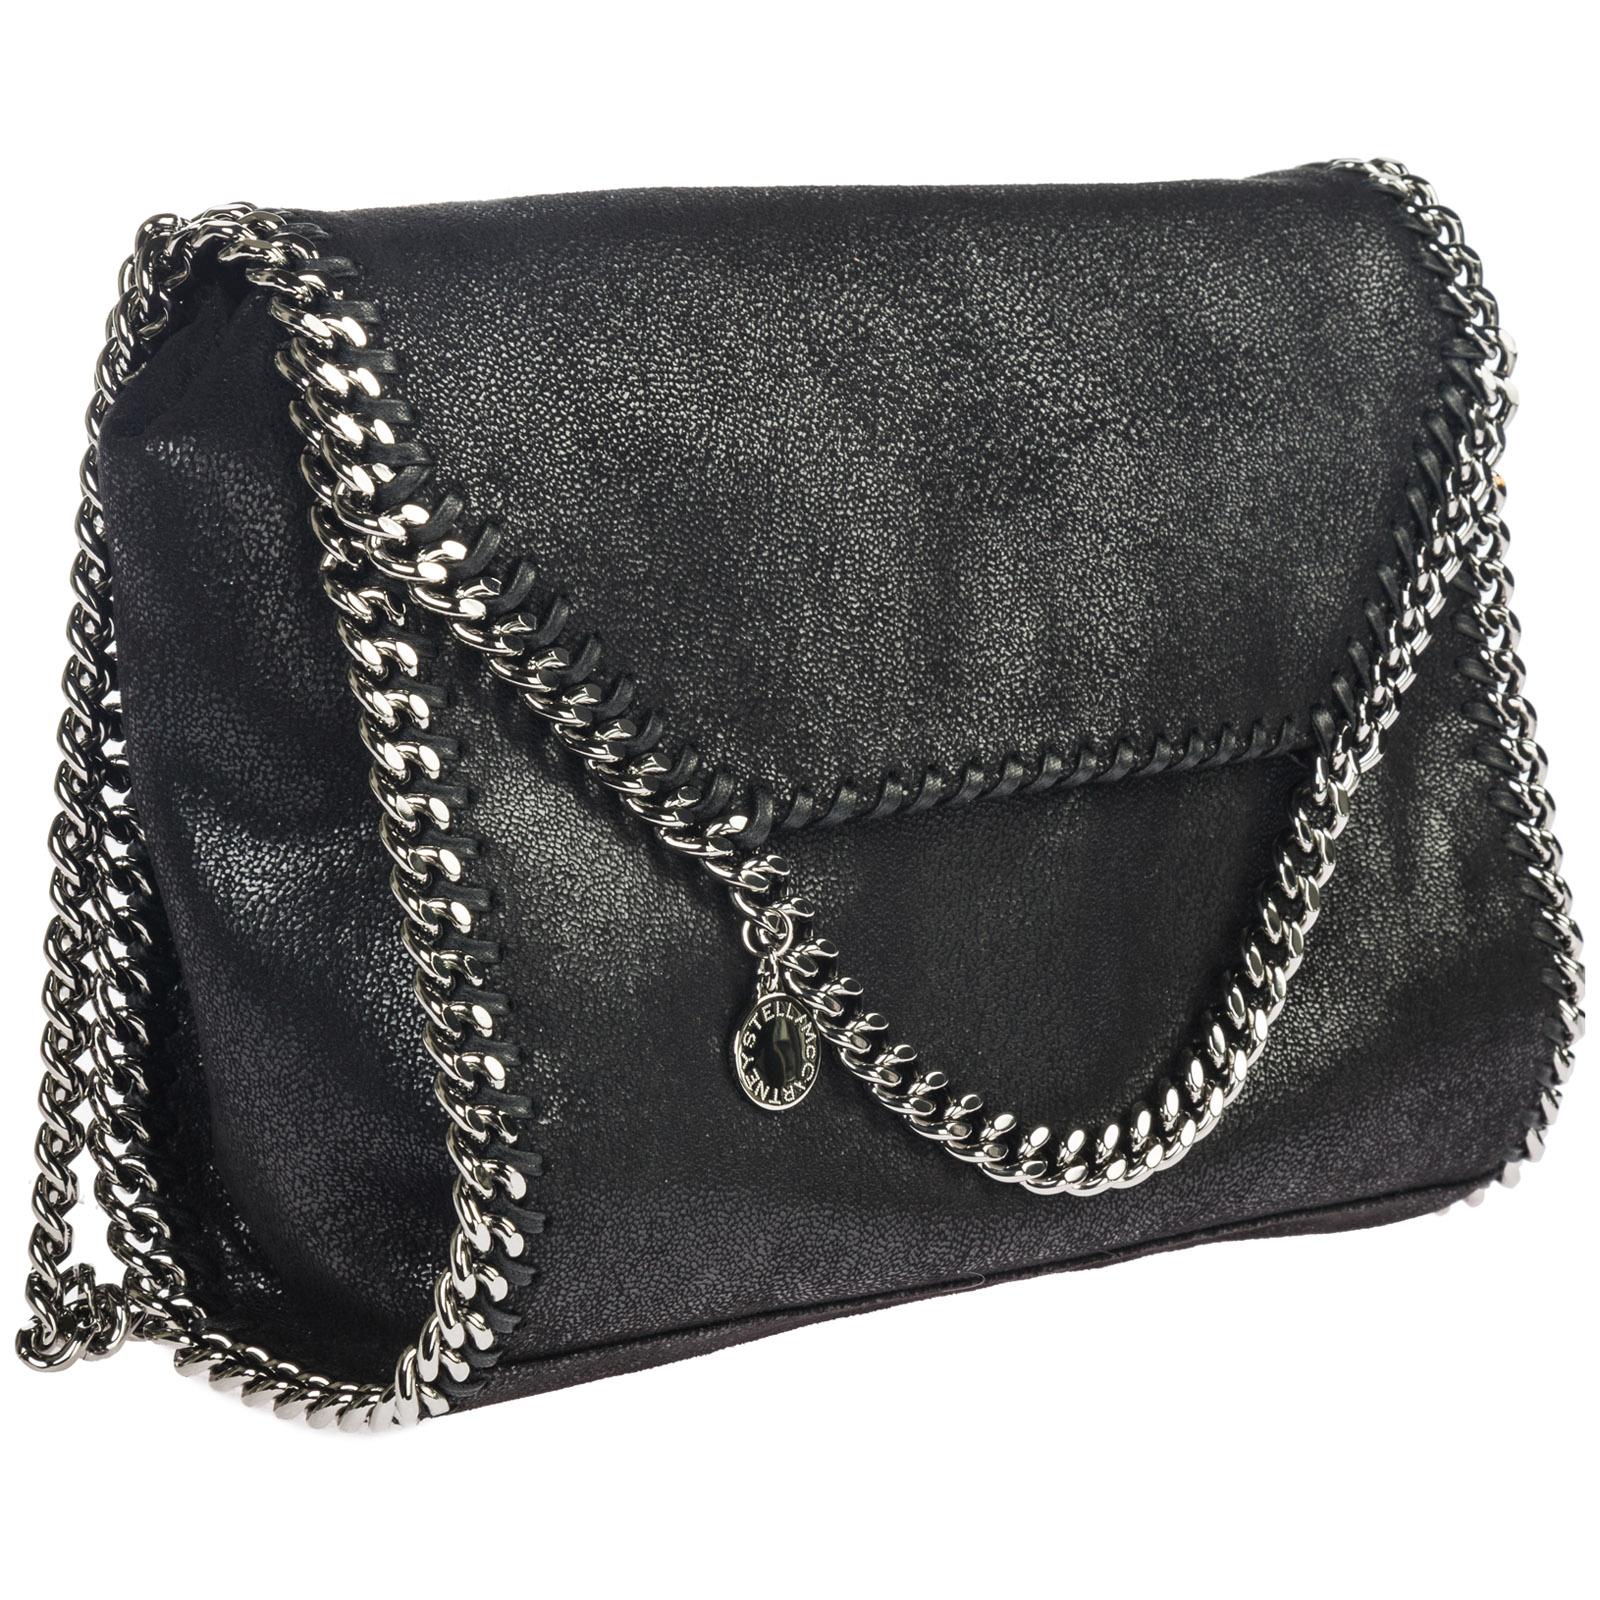 3986f56fda Shoulder bag Stella Mccartney Falabella 557837W91321000 nero ...